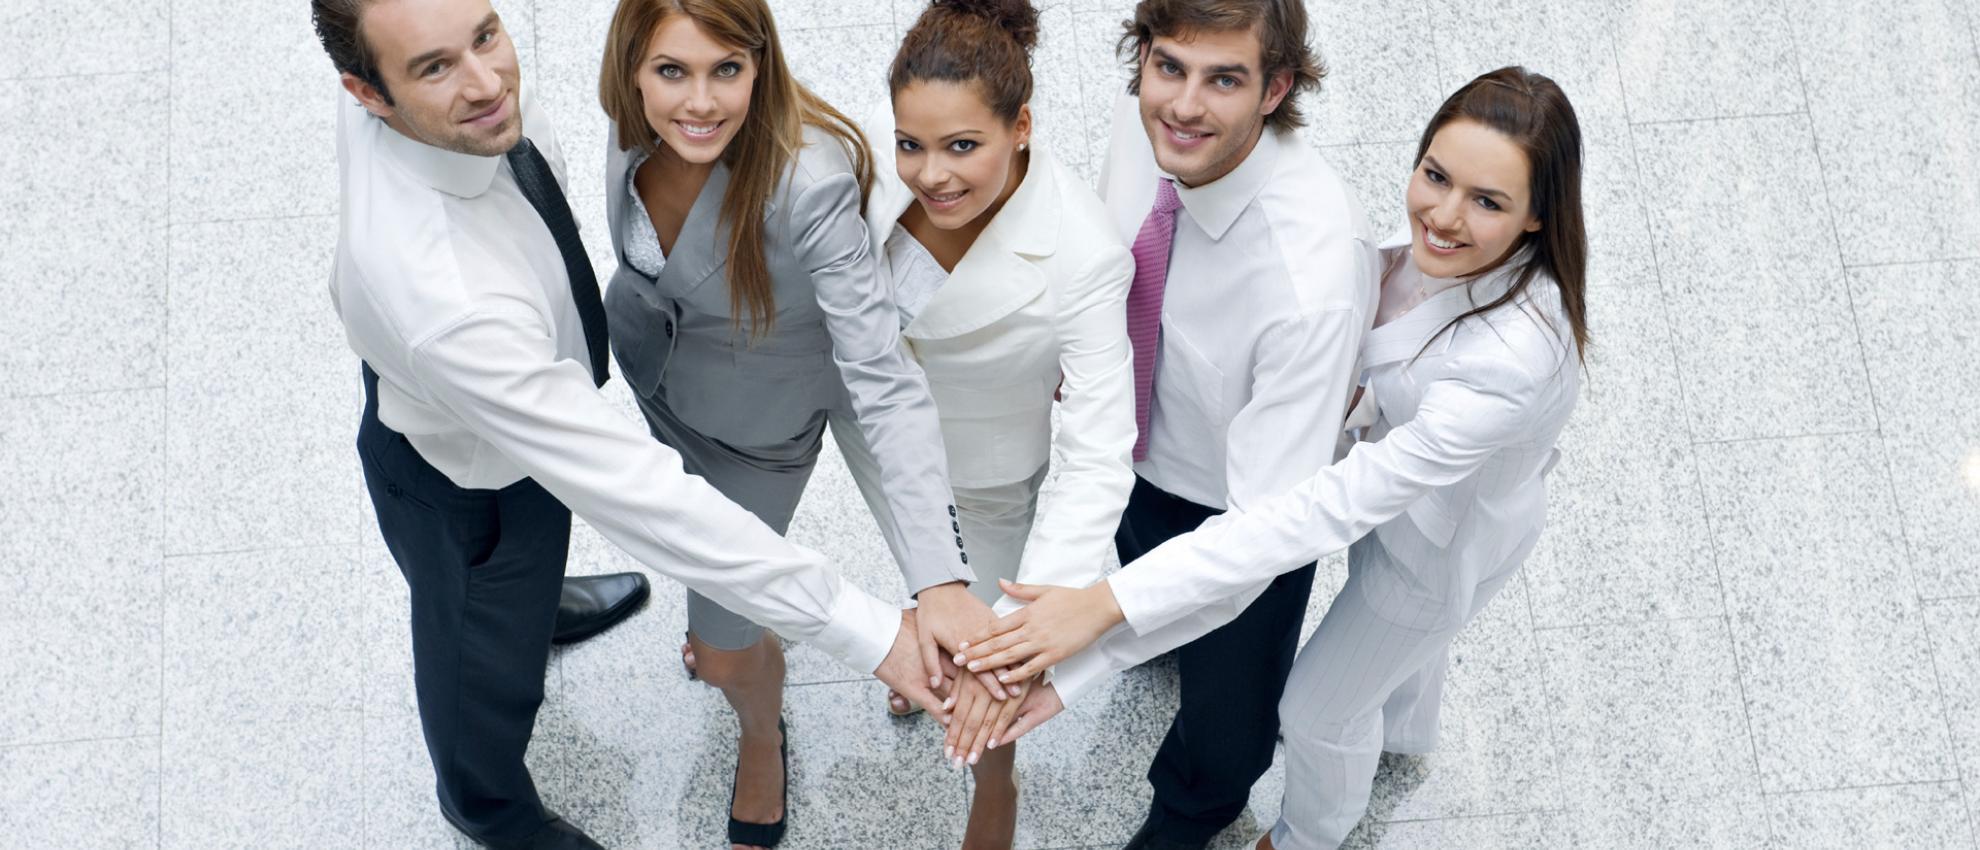 ABS Personal AG, Ingenieur Jobs, Jobs Ingenieure, Stellen Ingenieur, Stellangebote Ingenieure